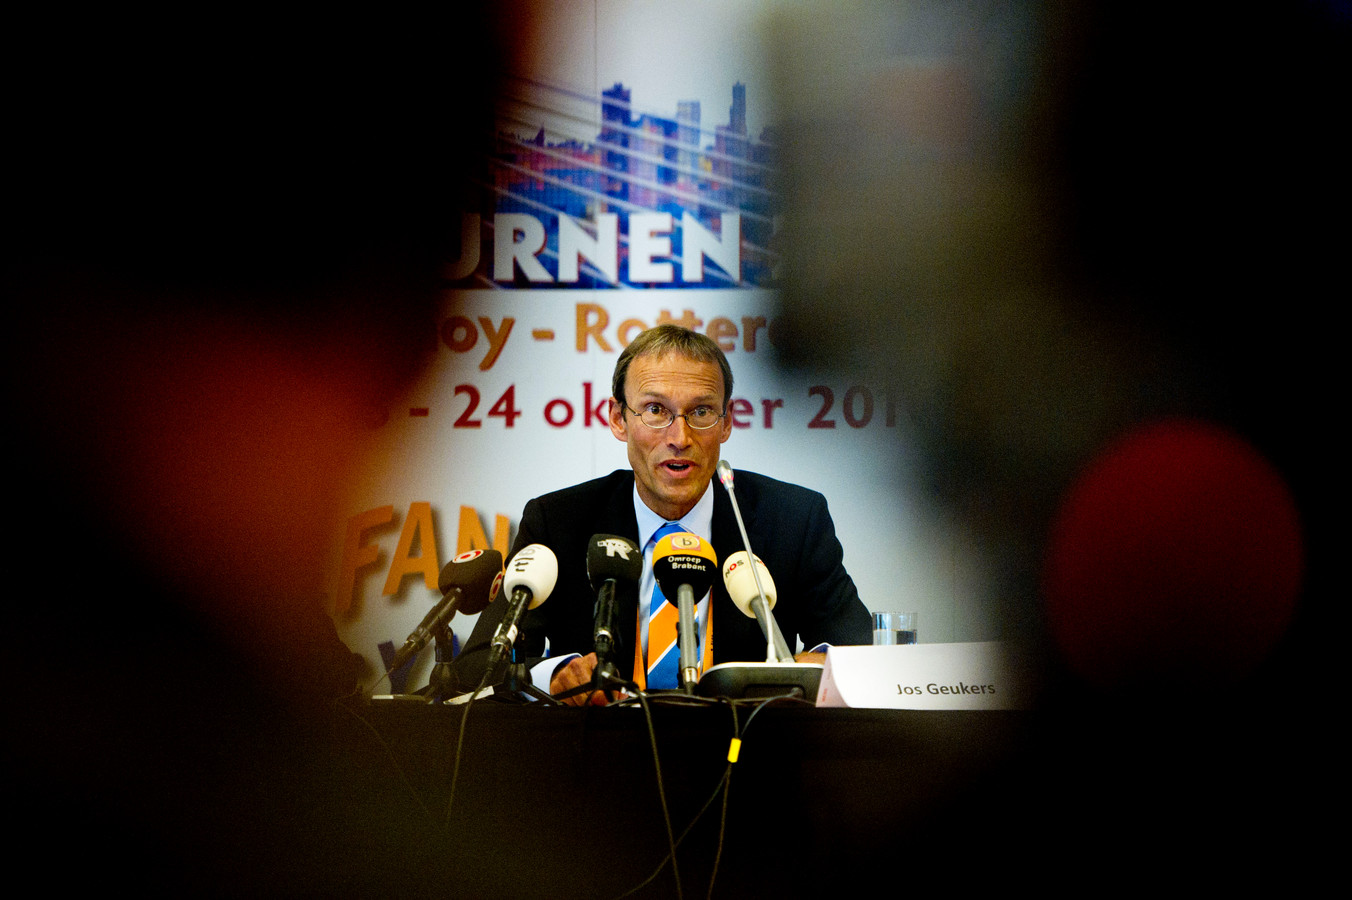 Voormalig bondsvoorzitter Jos Geukers.